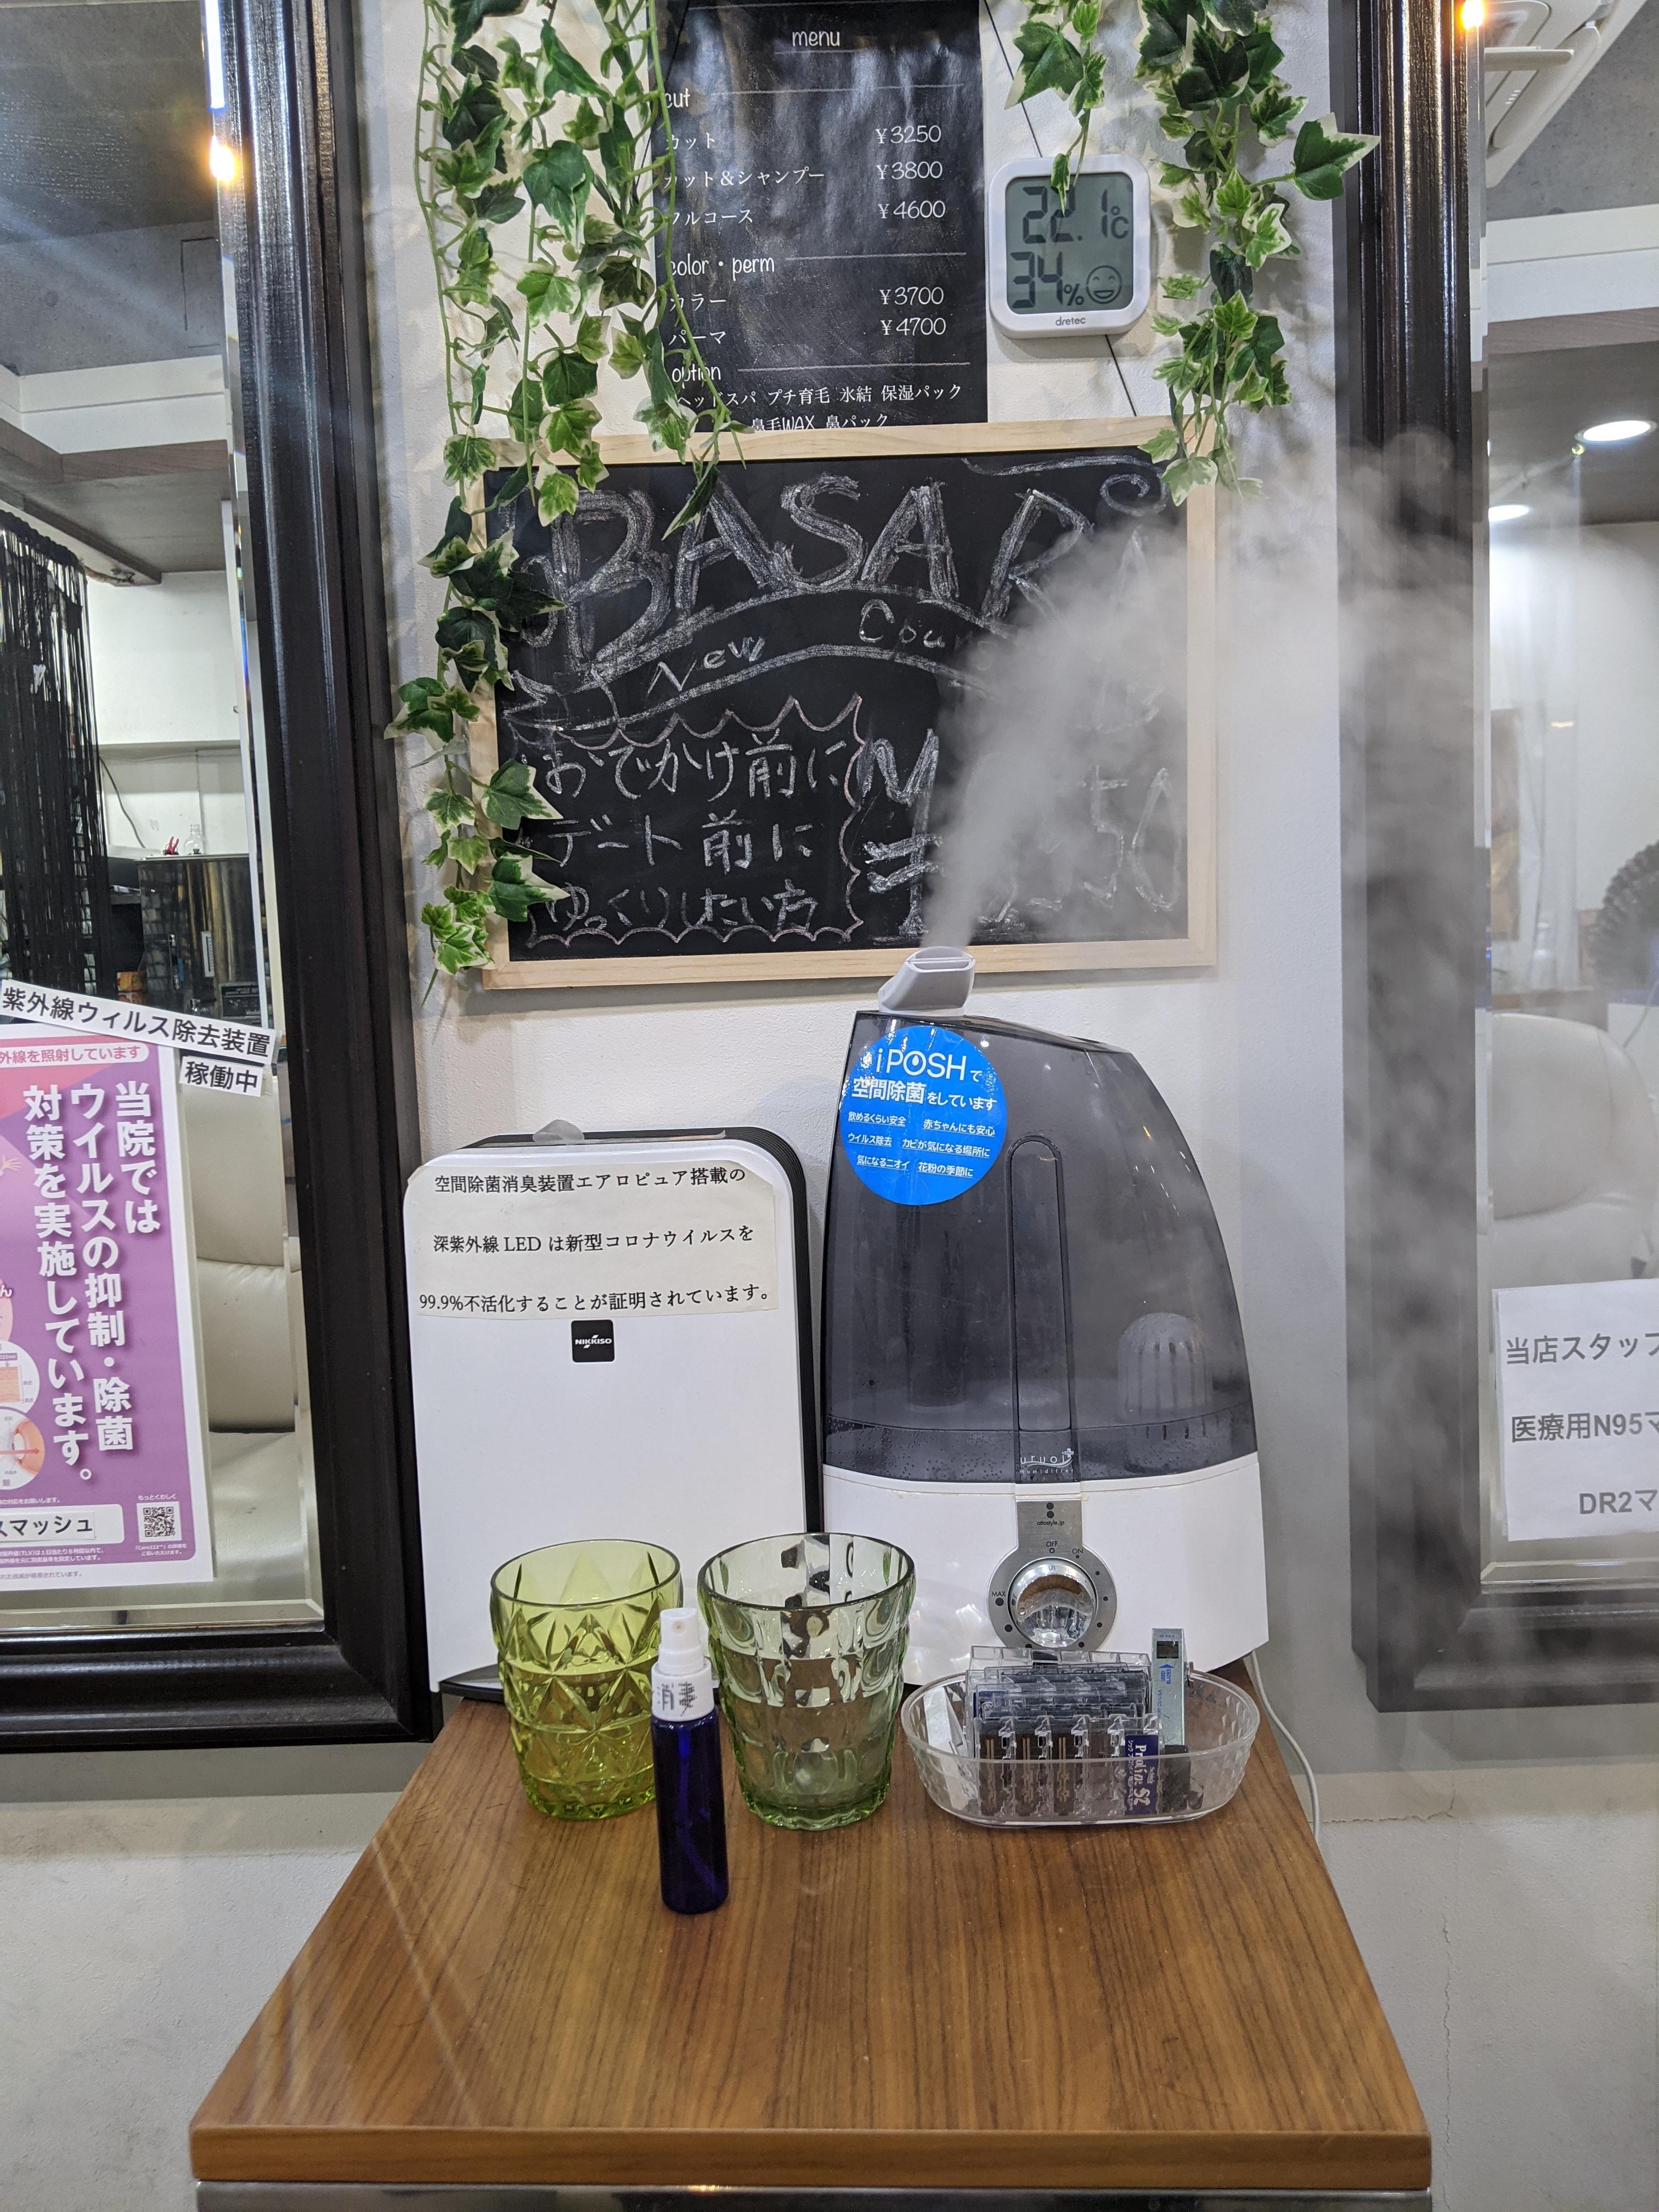 次亜塩素酸水を空間噴霧し湿度と落下菌をコントロールしています。WHOの空間噴霧についてのガイダンスも近々、変更されるでしょう!店内6台設置。